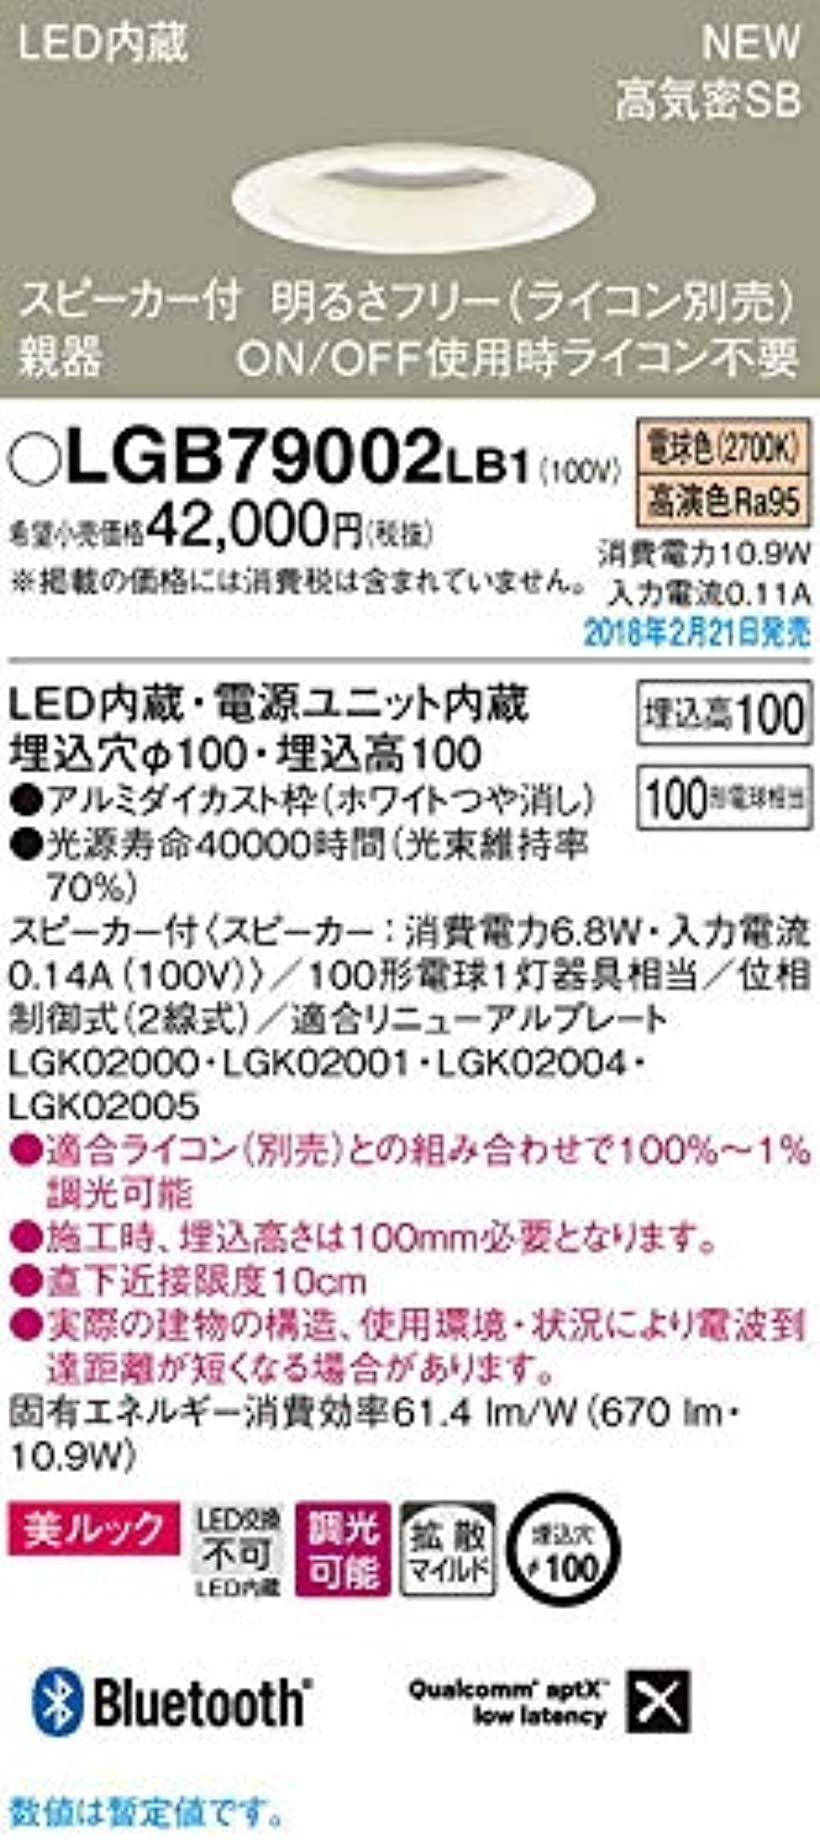 スピーカー付ダウンライト LGB79002LB1